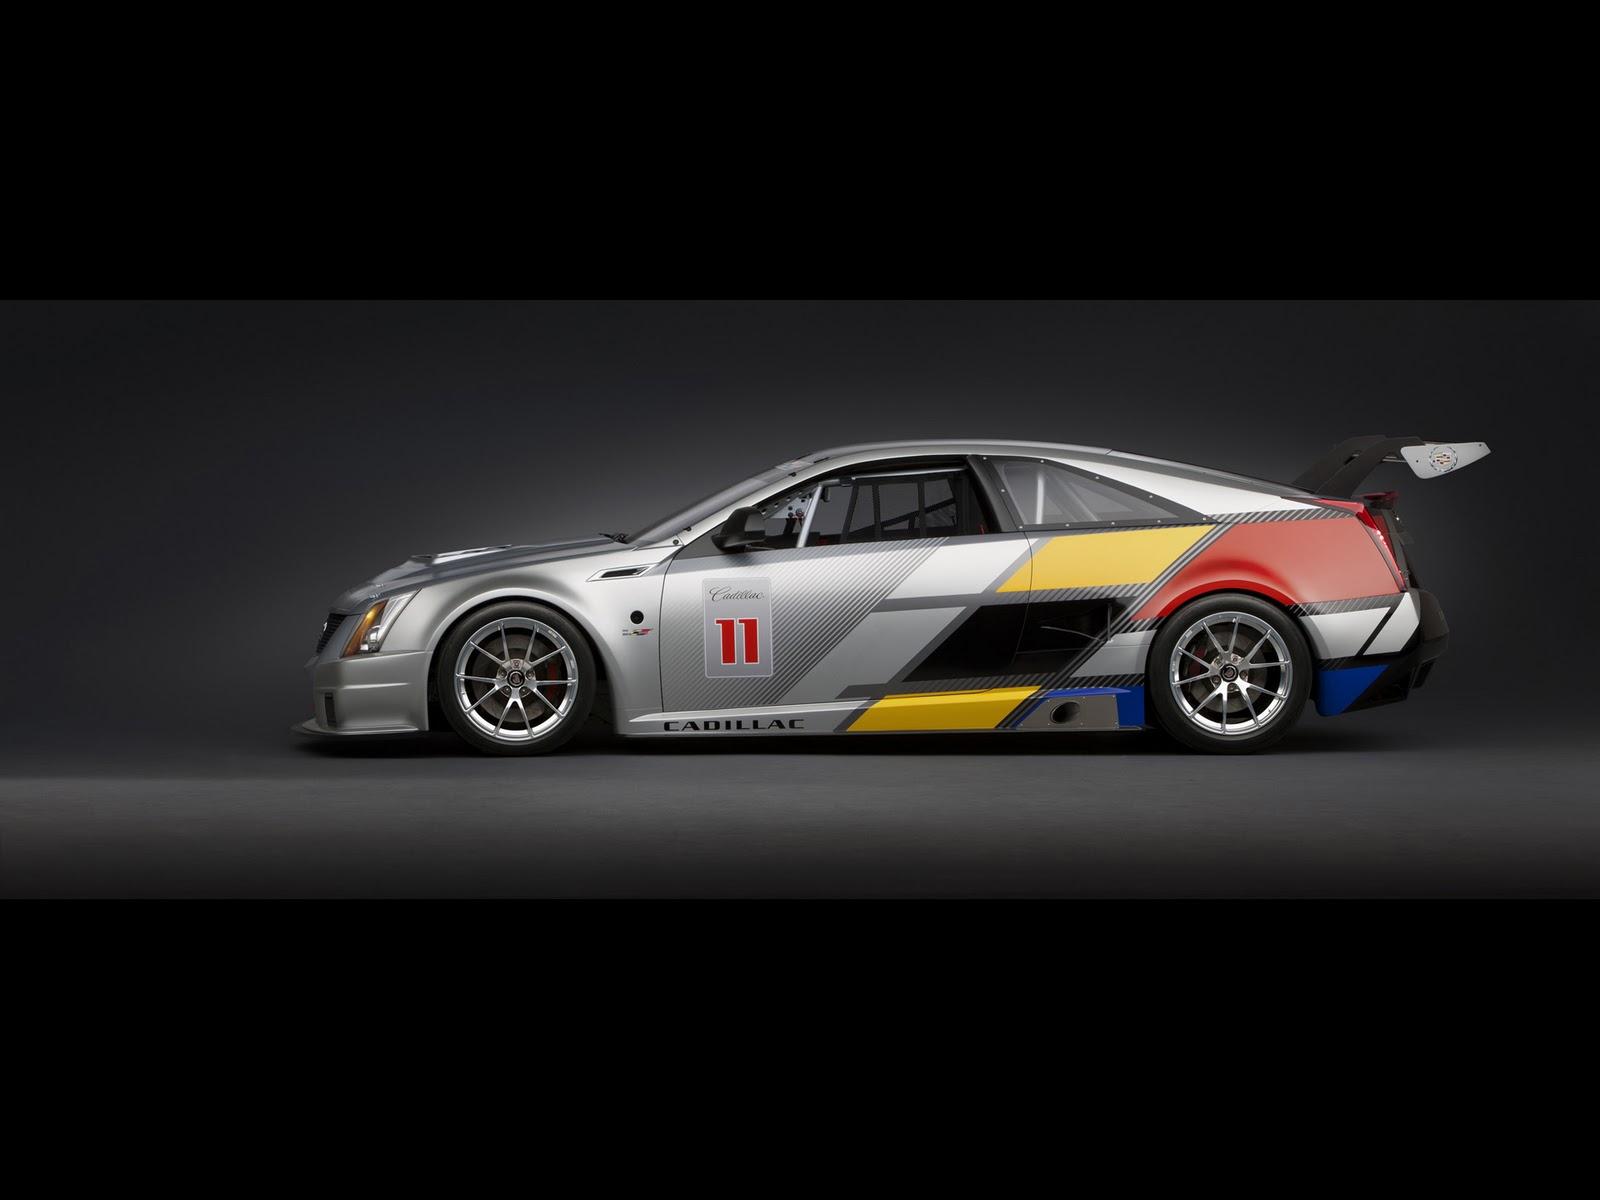 http://4.bp.blogspot.com/_viCh1SFyGrA/TUE1l5b-wxI/AAAAAAAAARw/gUxMO53rFCs/s1600/2011-Cadillac-CTS-V-Coupe-Racecar-Side-1920x1440.jpg